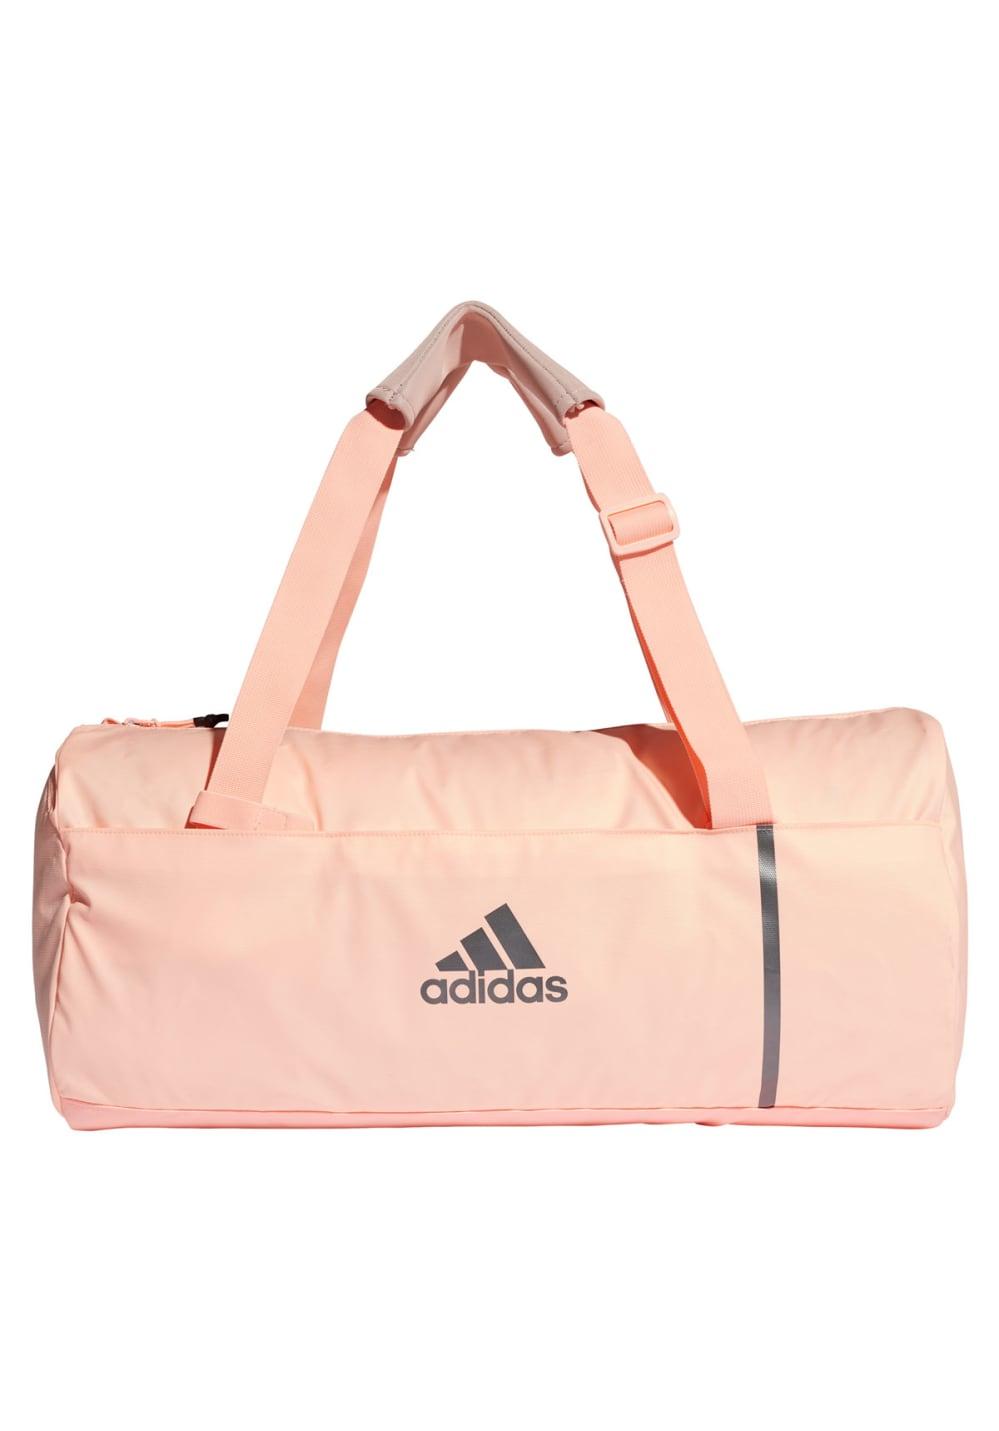 Duffel Sacs Adidas Sport Rose Bag Convertible Training Medium l1uTJFc3K